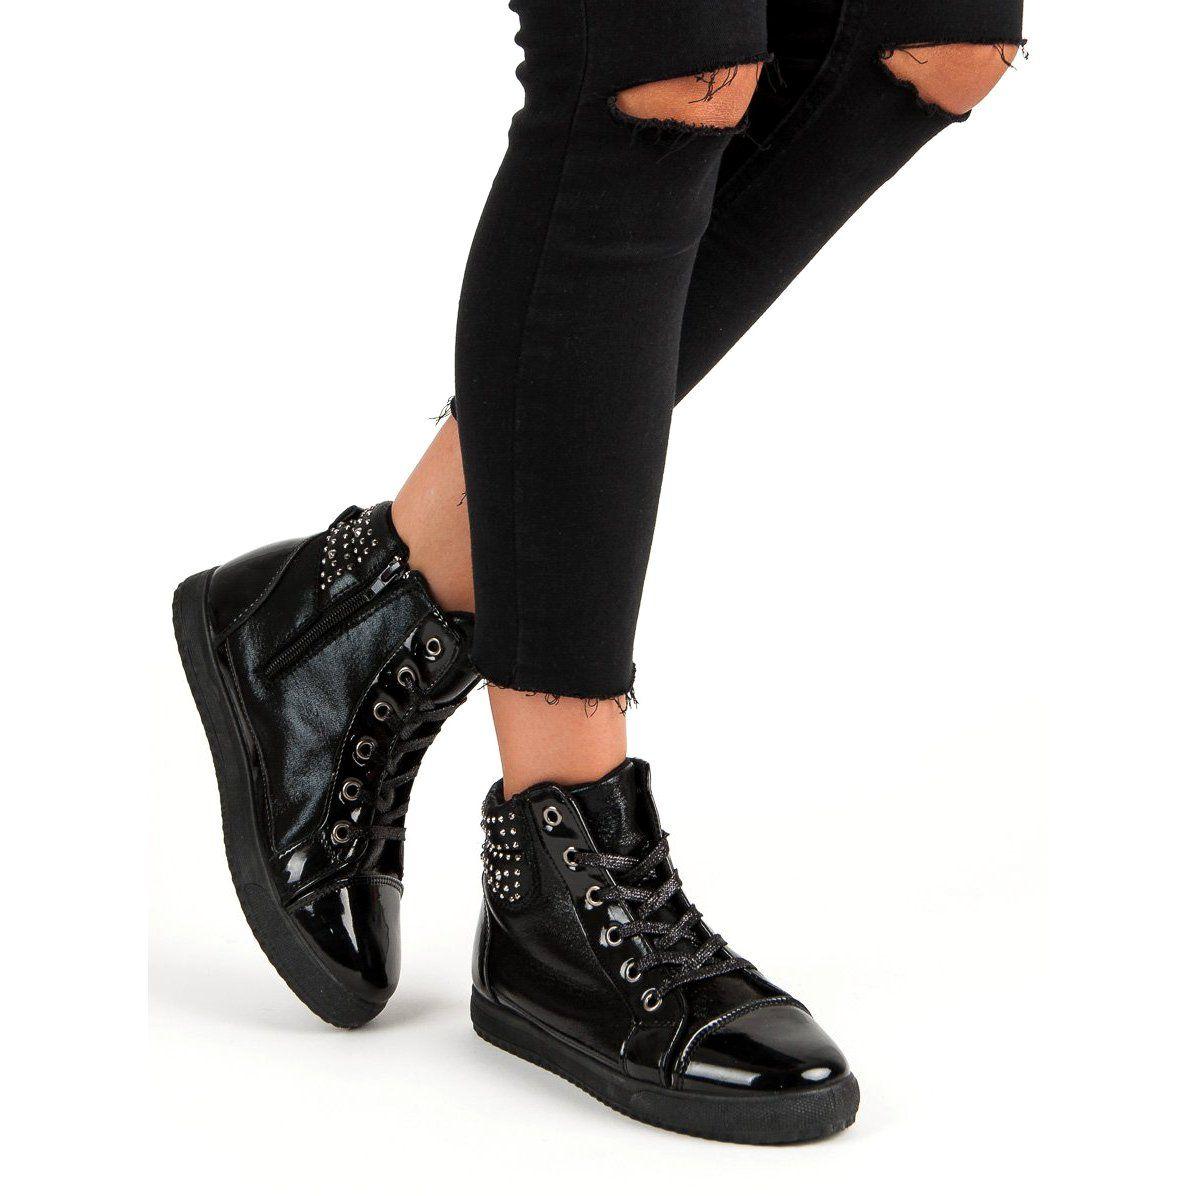 Sportowe Damskie Butymodne Czarne Wiazane Sneakersy Butymodne All Black Sneakers Wedge Sneaker Shoes